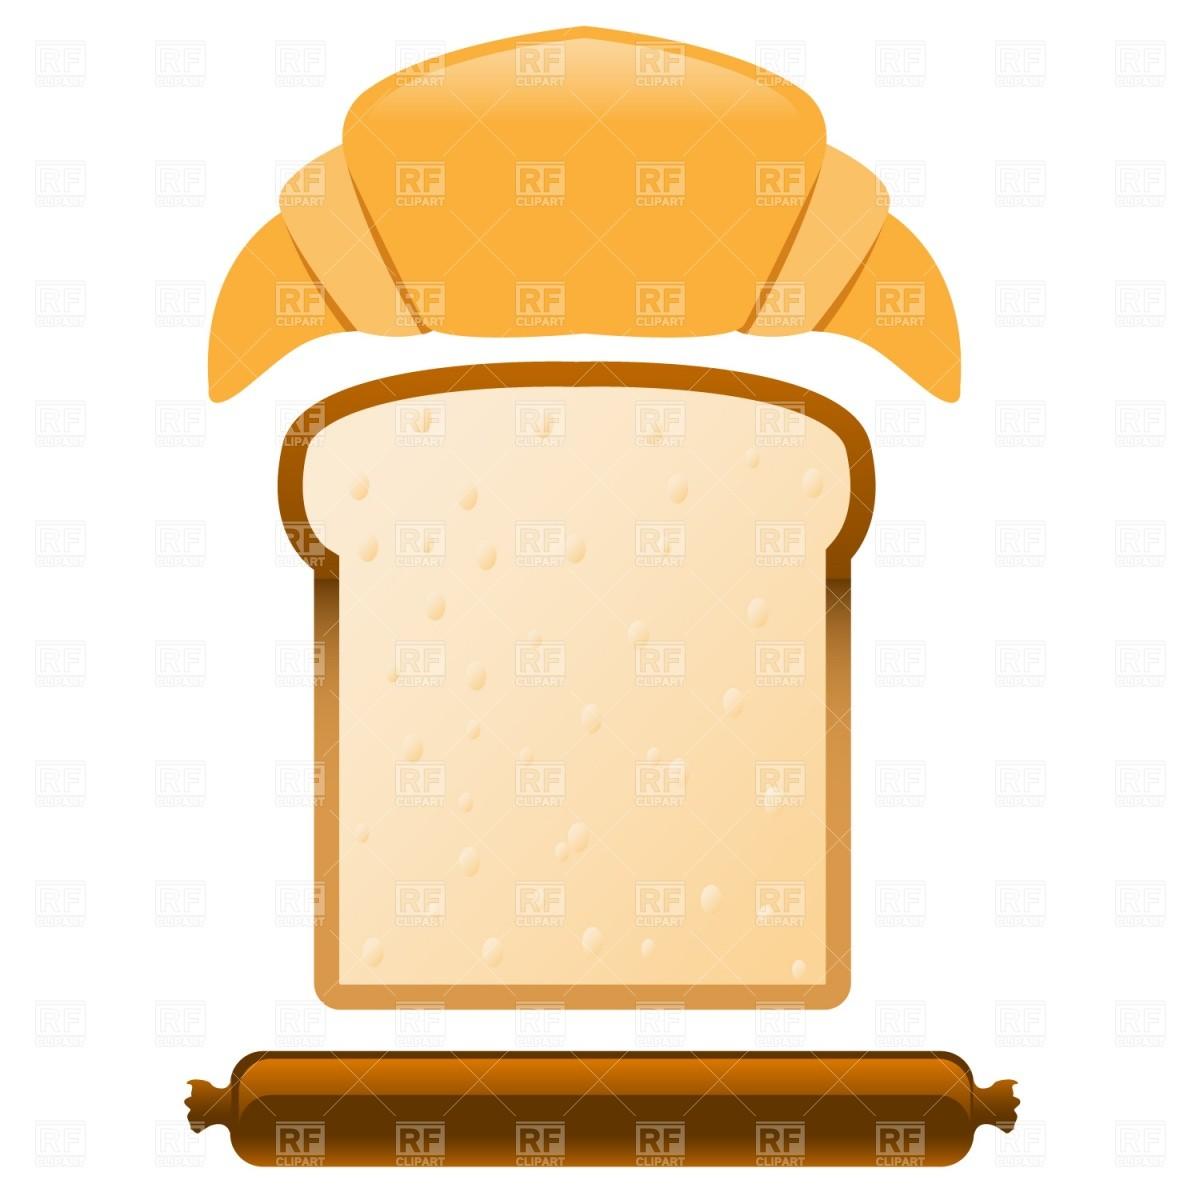 1200x1200 Cinnamon Roll Cliparts Zone Picturesque Bread Clipart